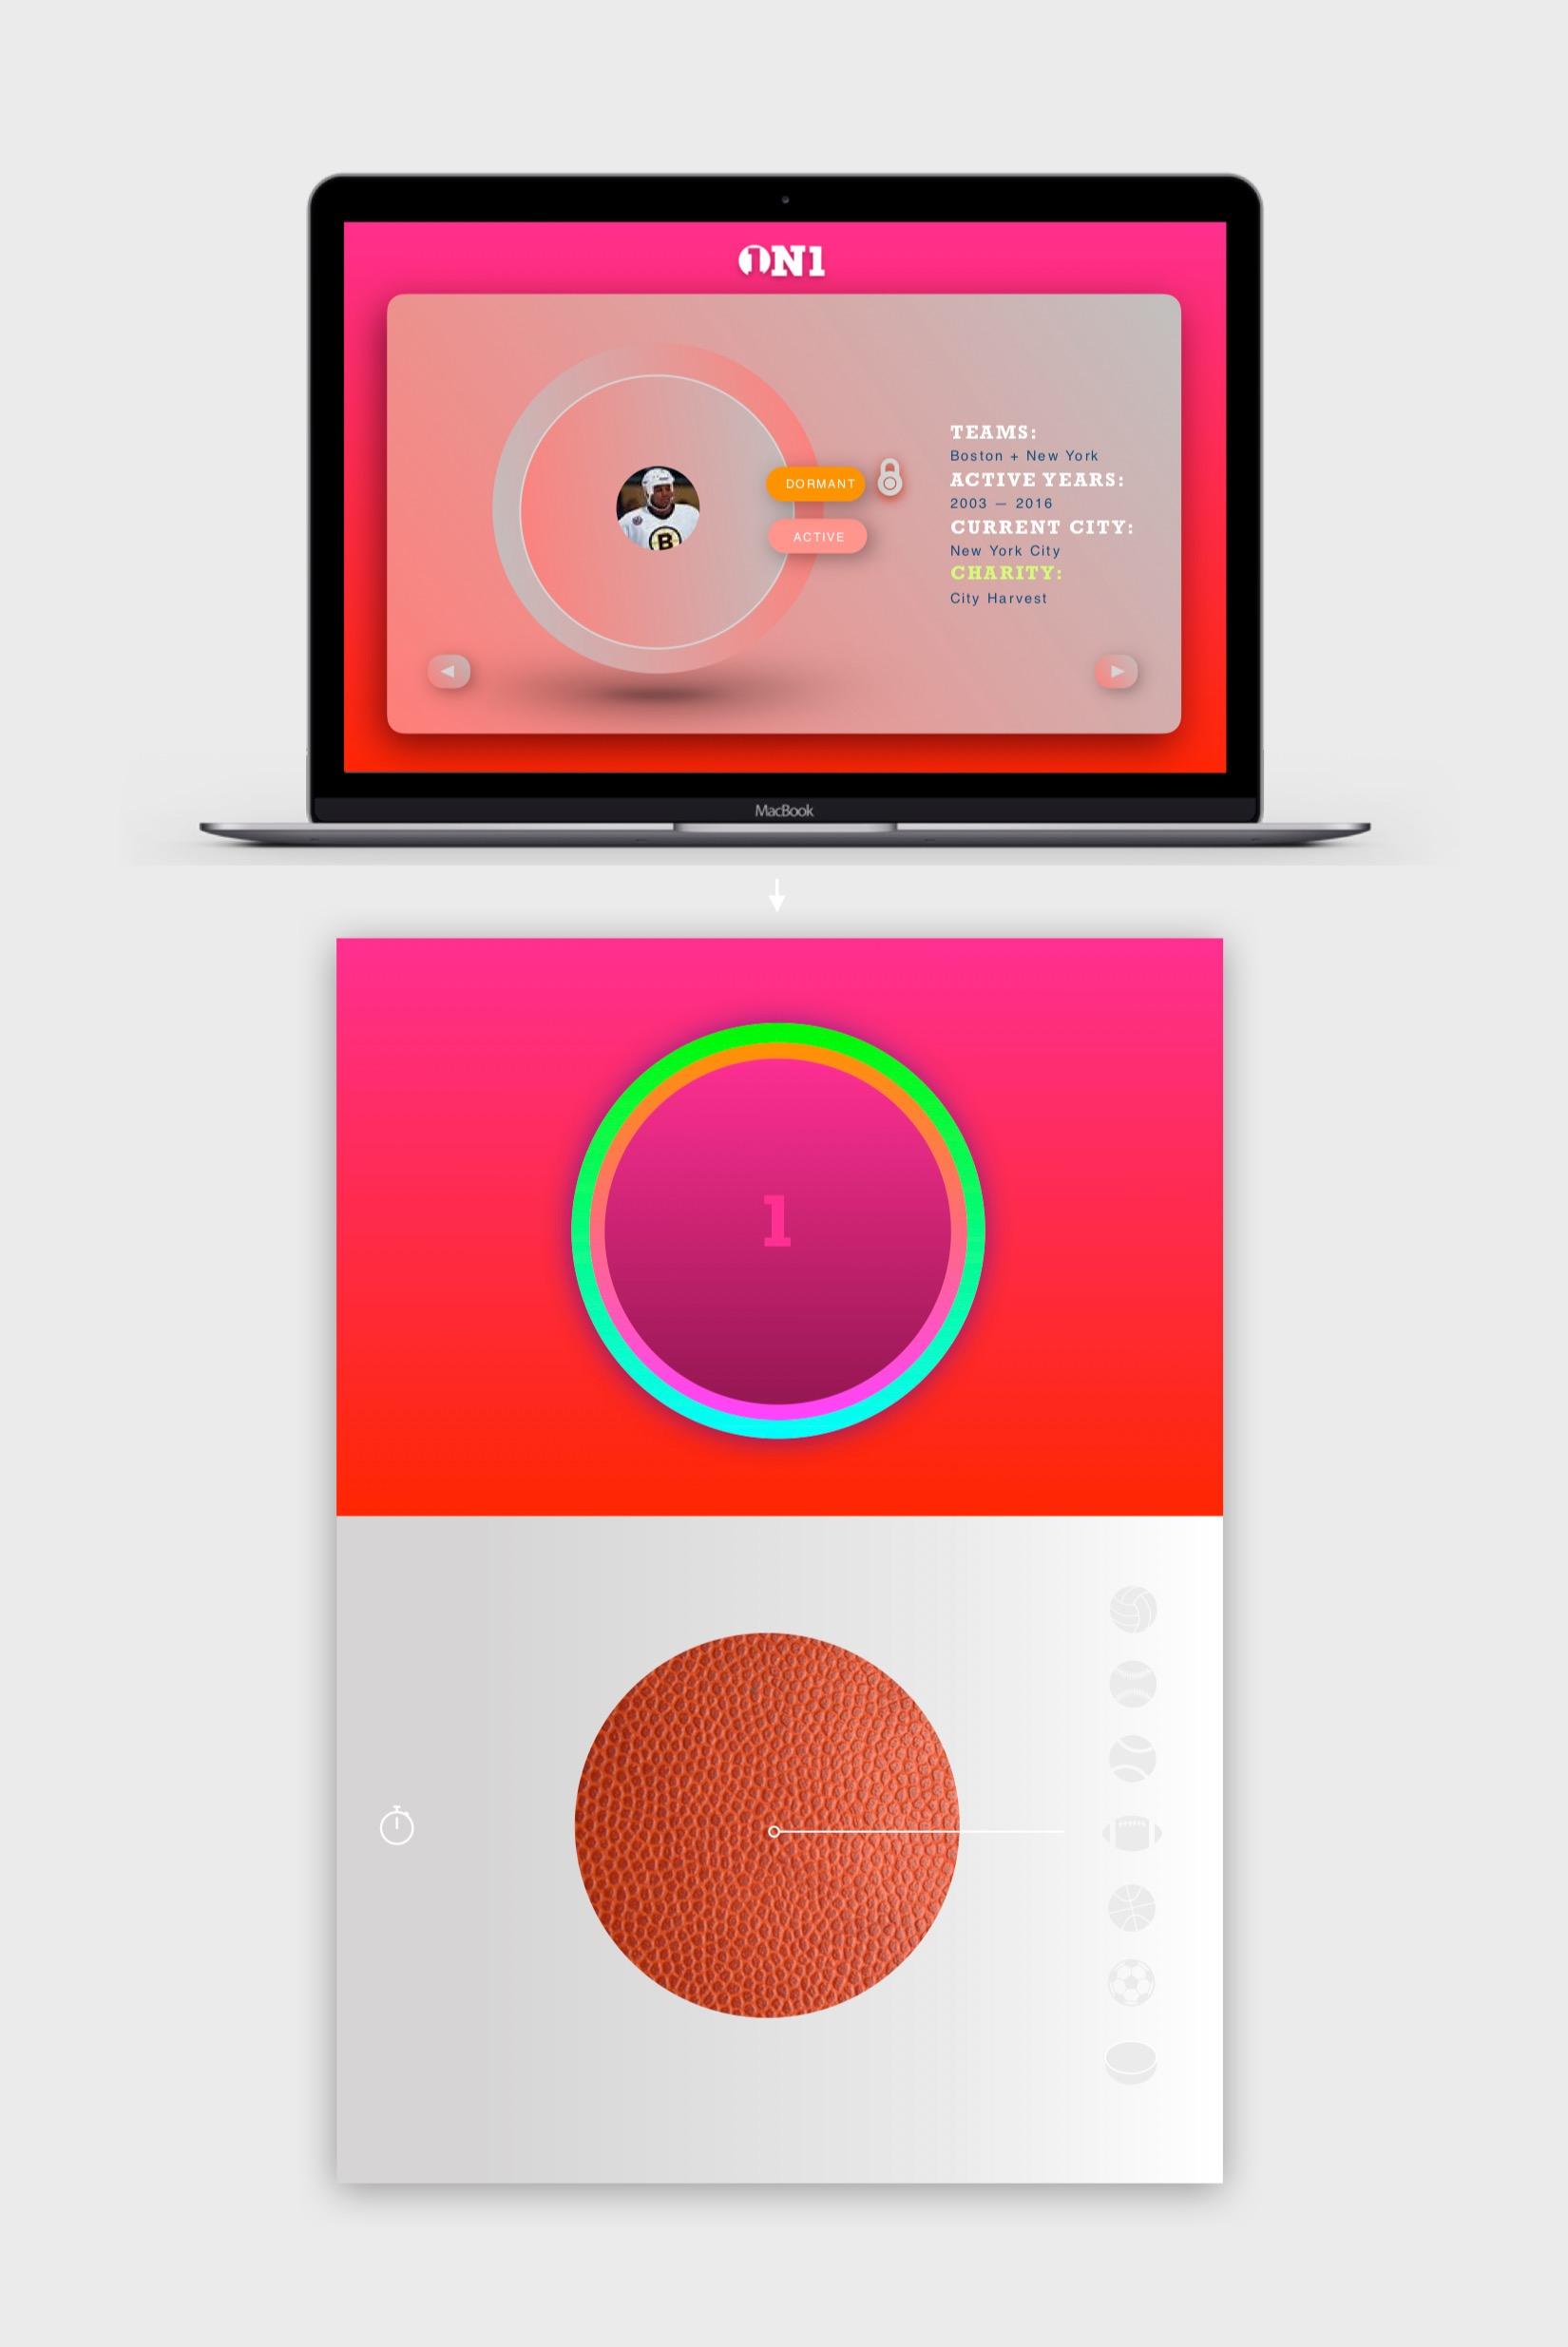 Miami Advertising Agency startup laptop_